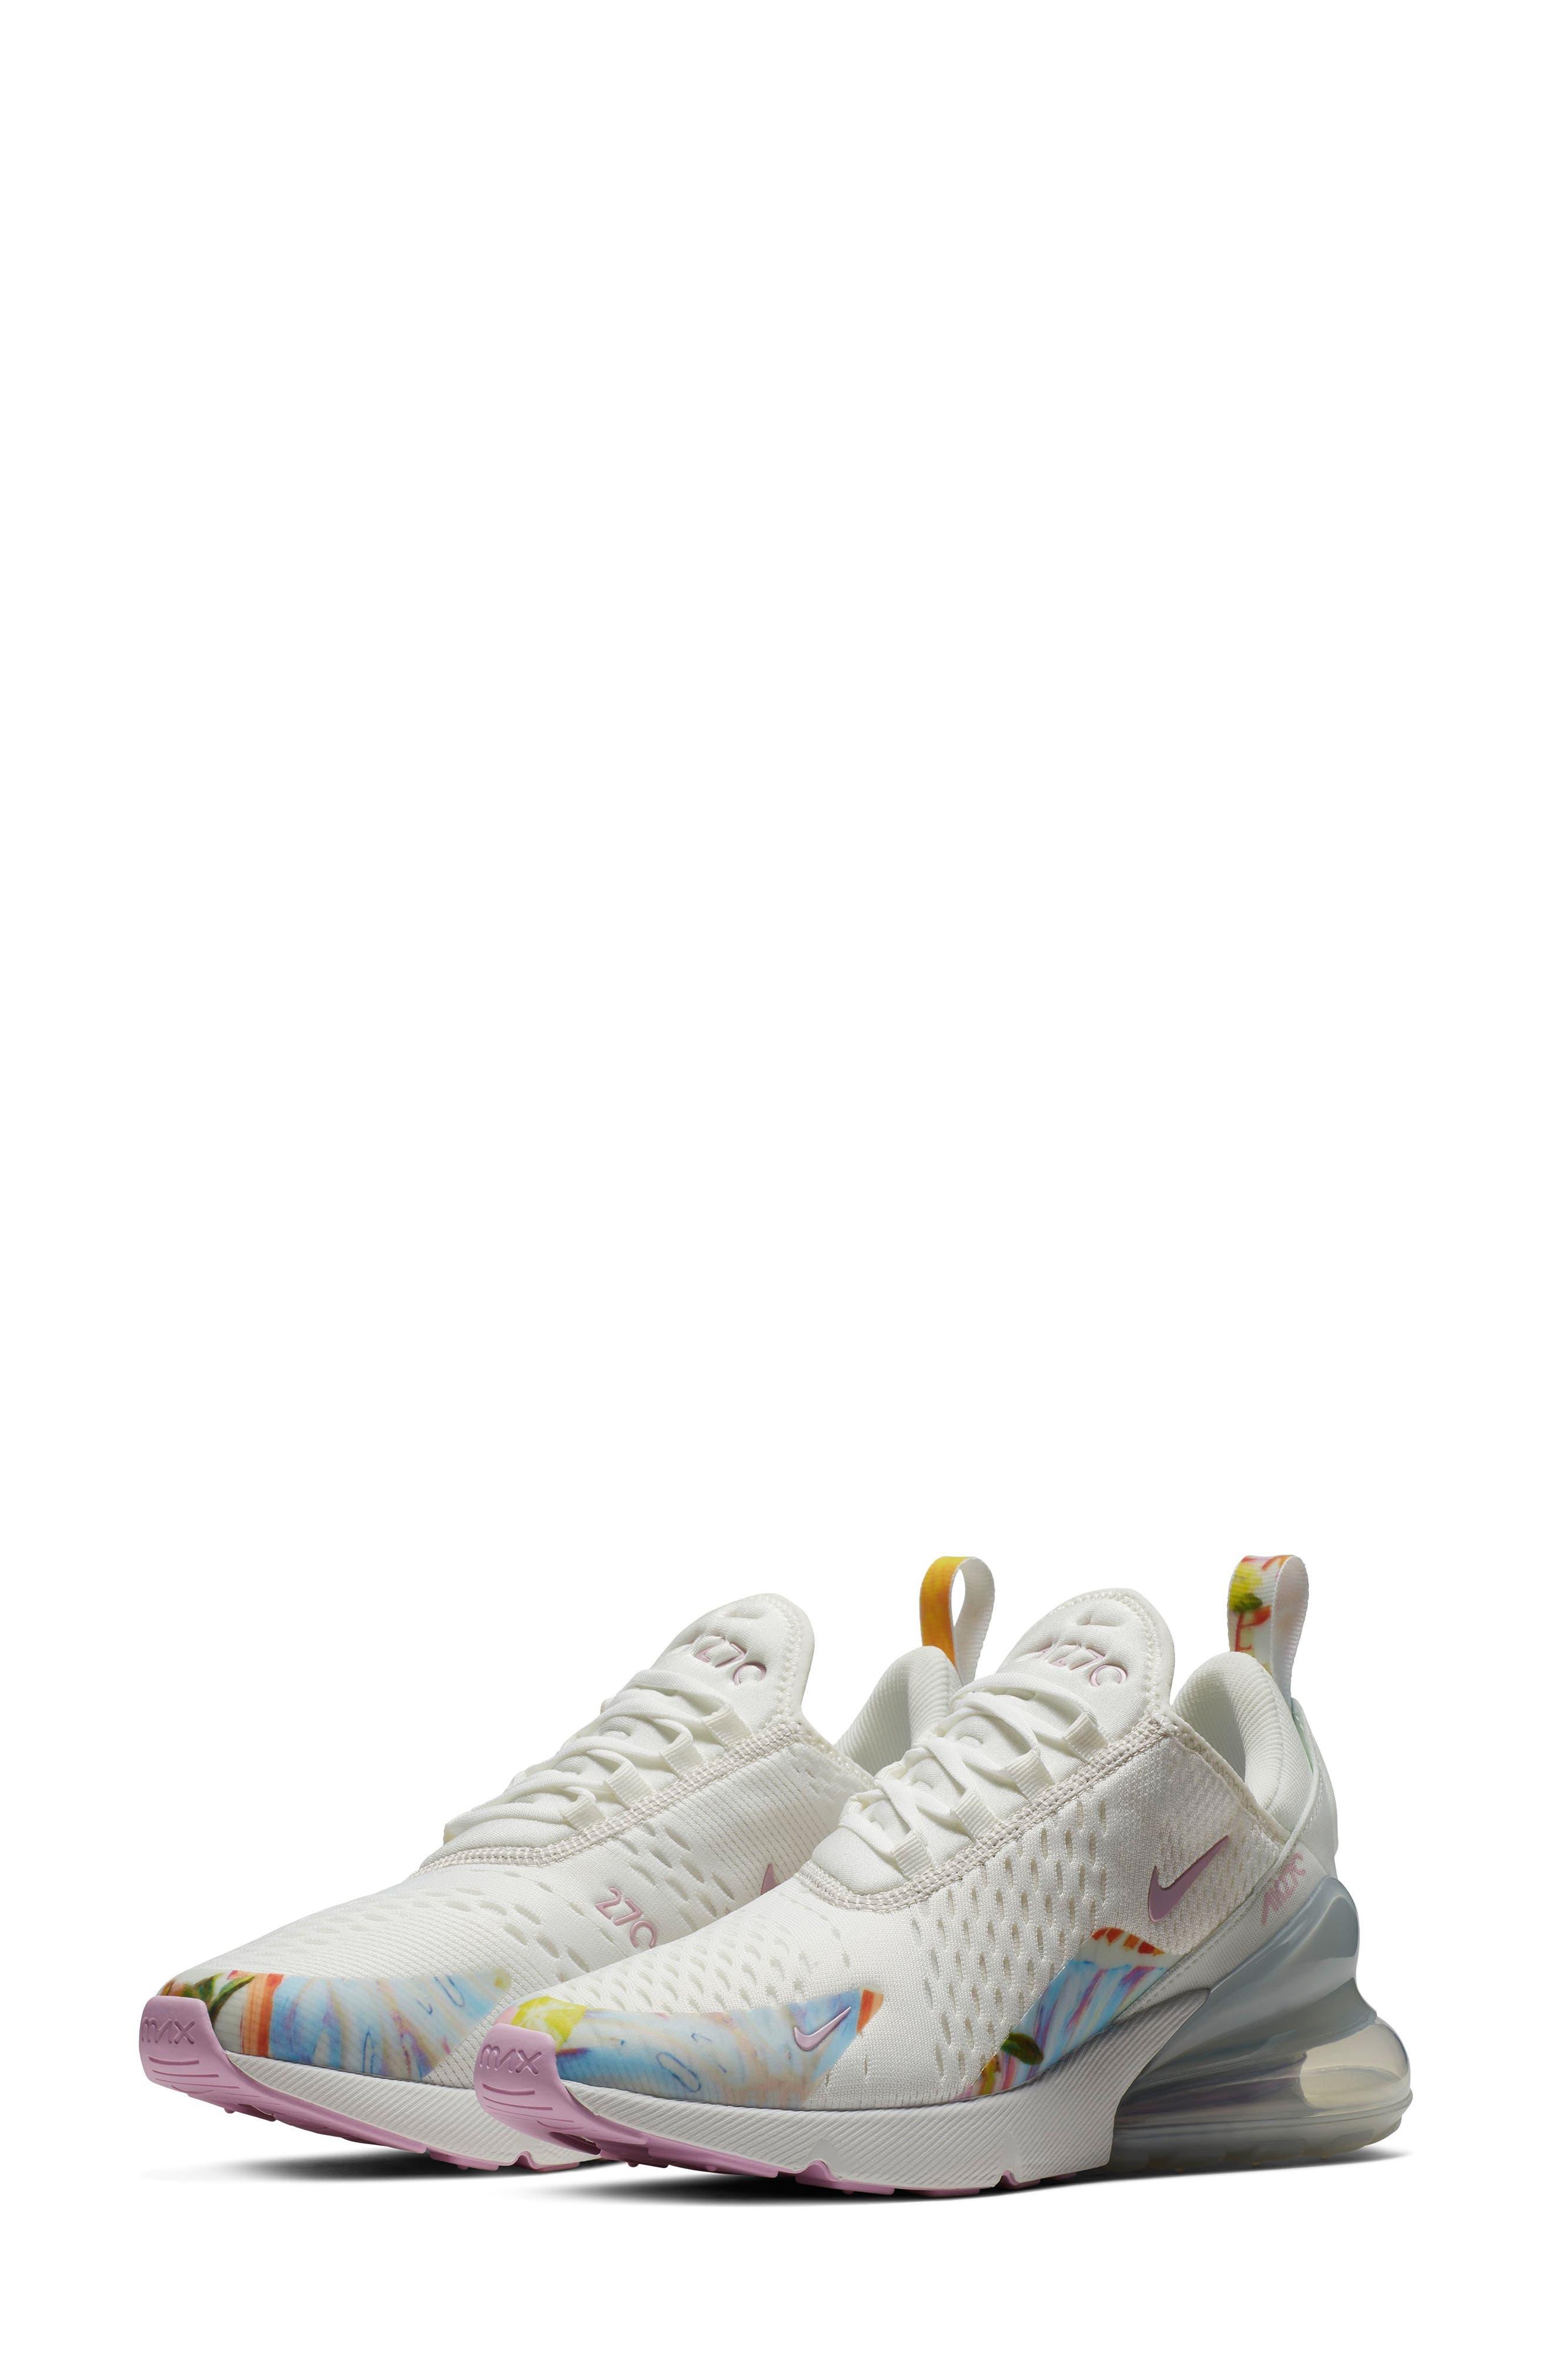 Air Max 270 Premium Sneaker,                             Main thumbnail 1, color,                             100